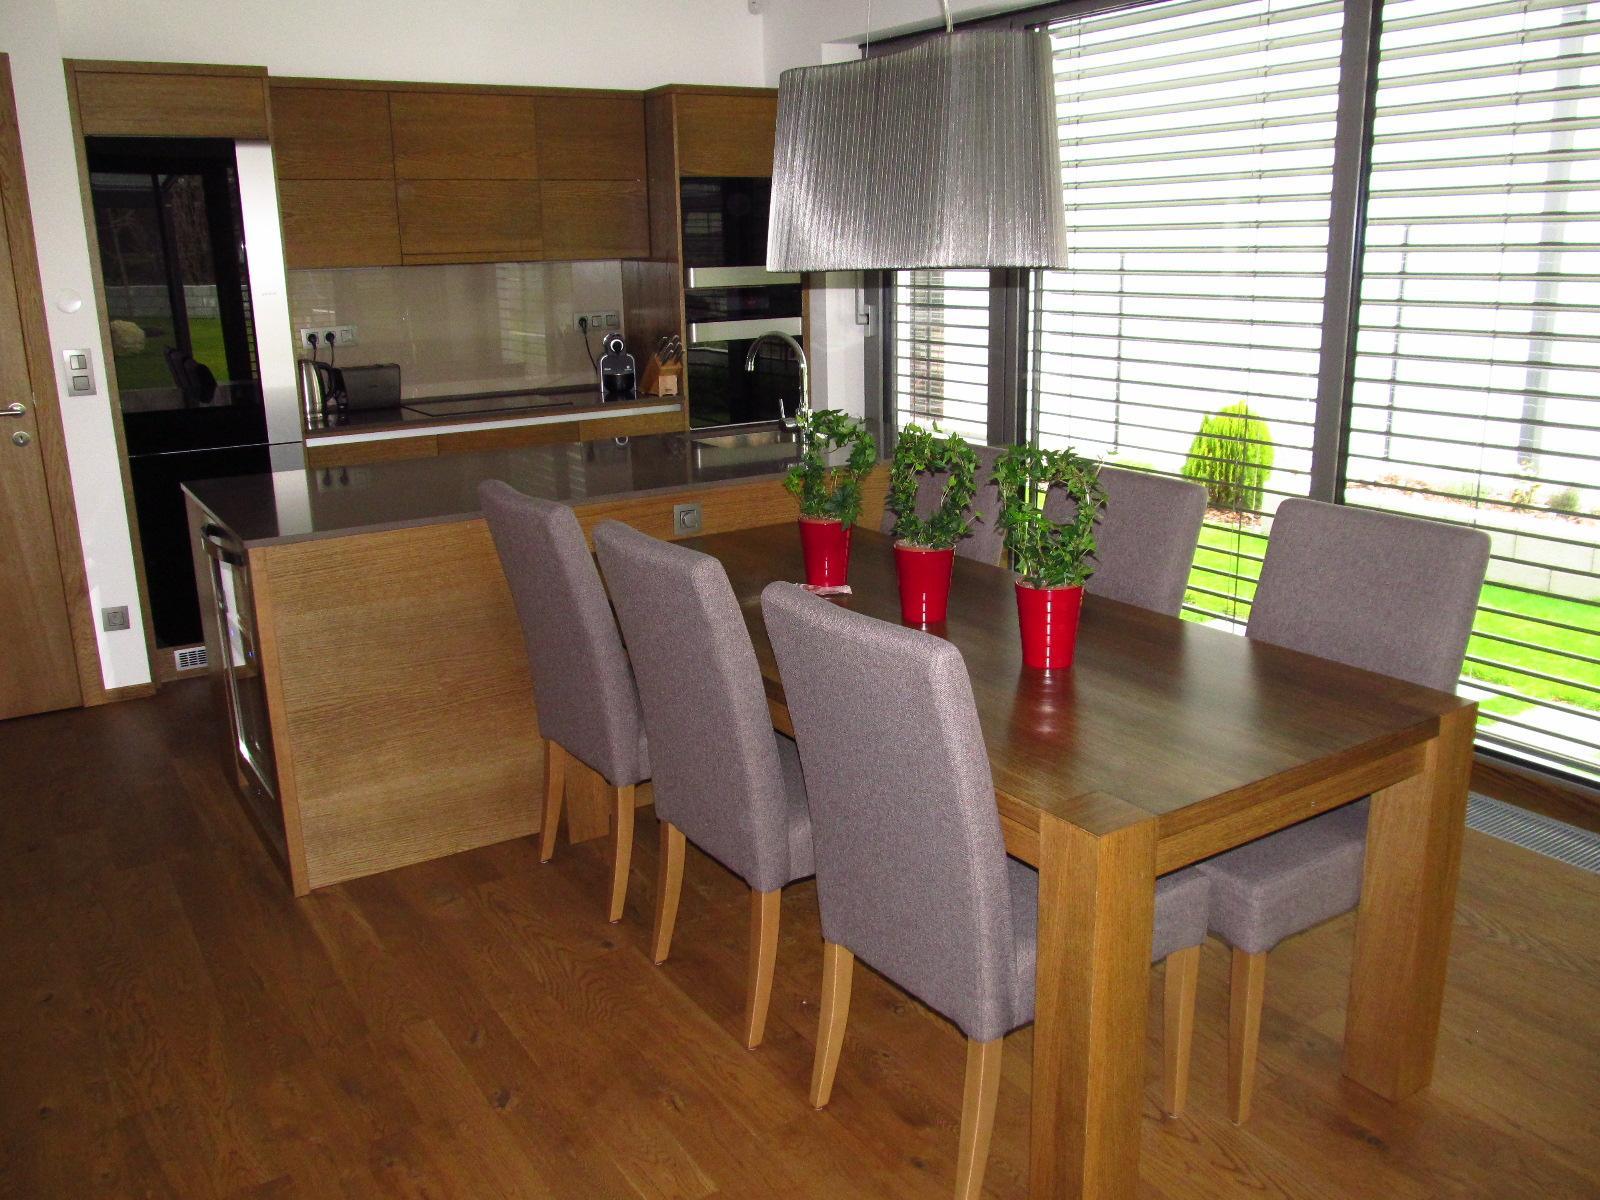 Takto bude vyzerať naša kuchyňa :) - Obrázok č. 8